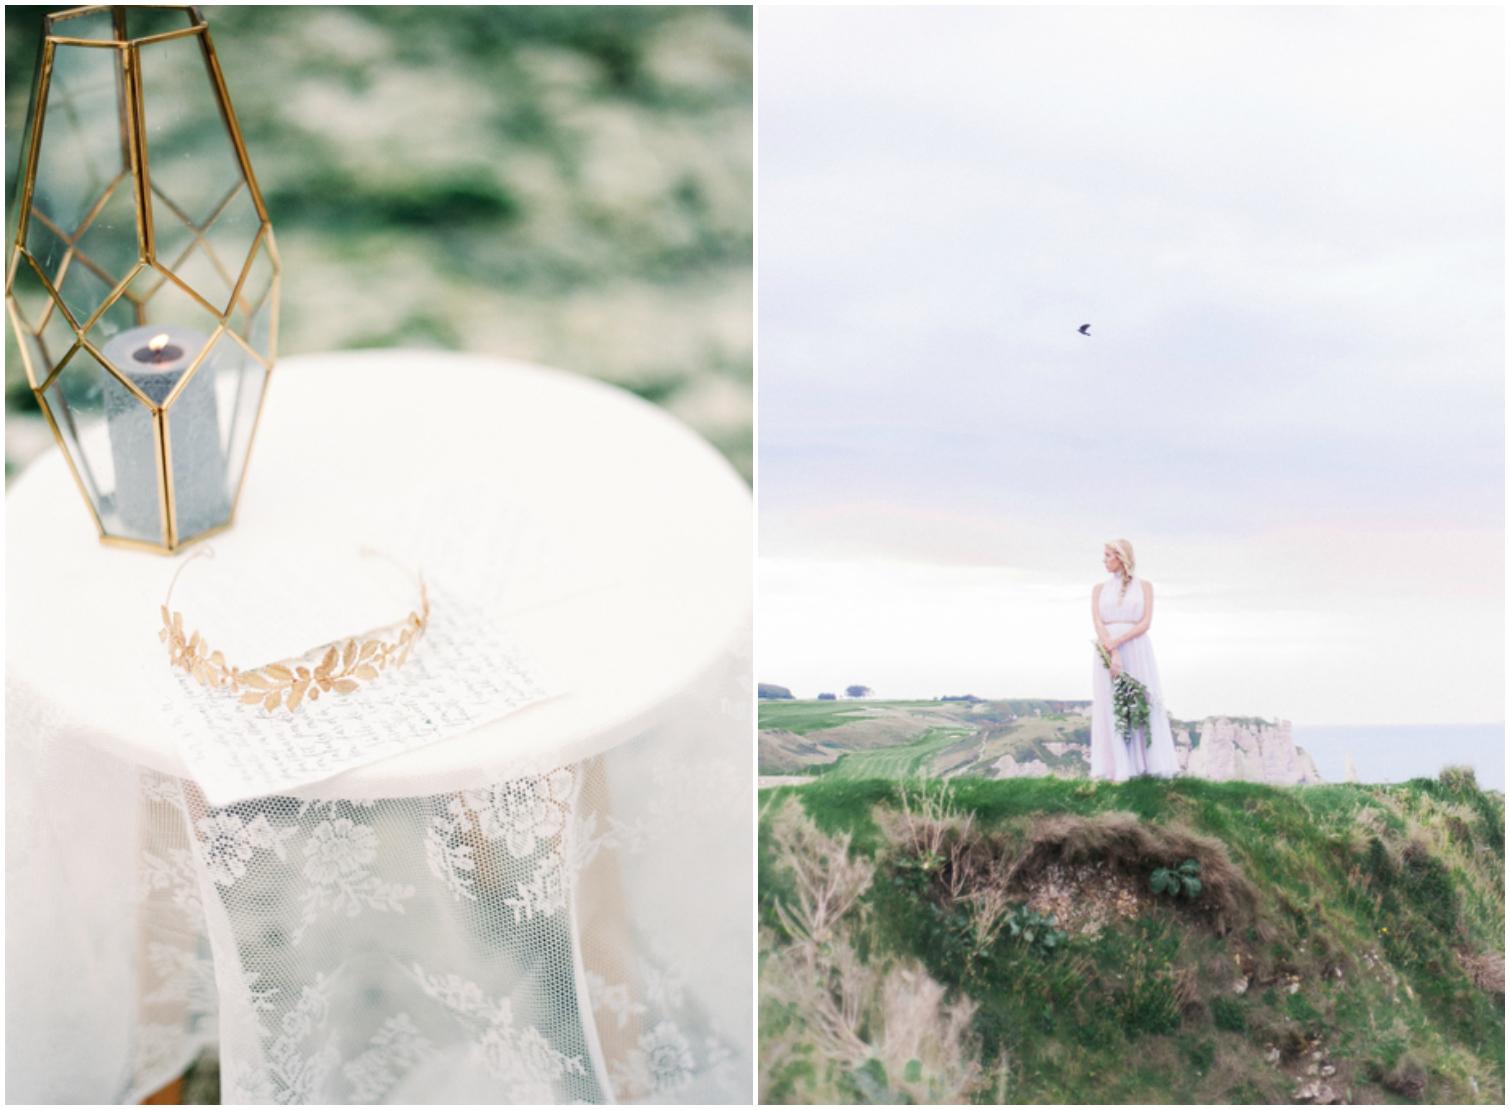 ©celine-chhuon-french-cliffs-bridal-editorial-3.jpg